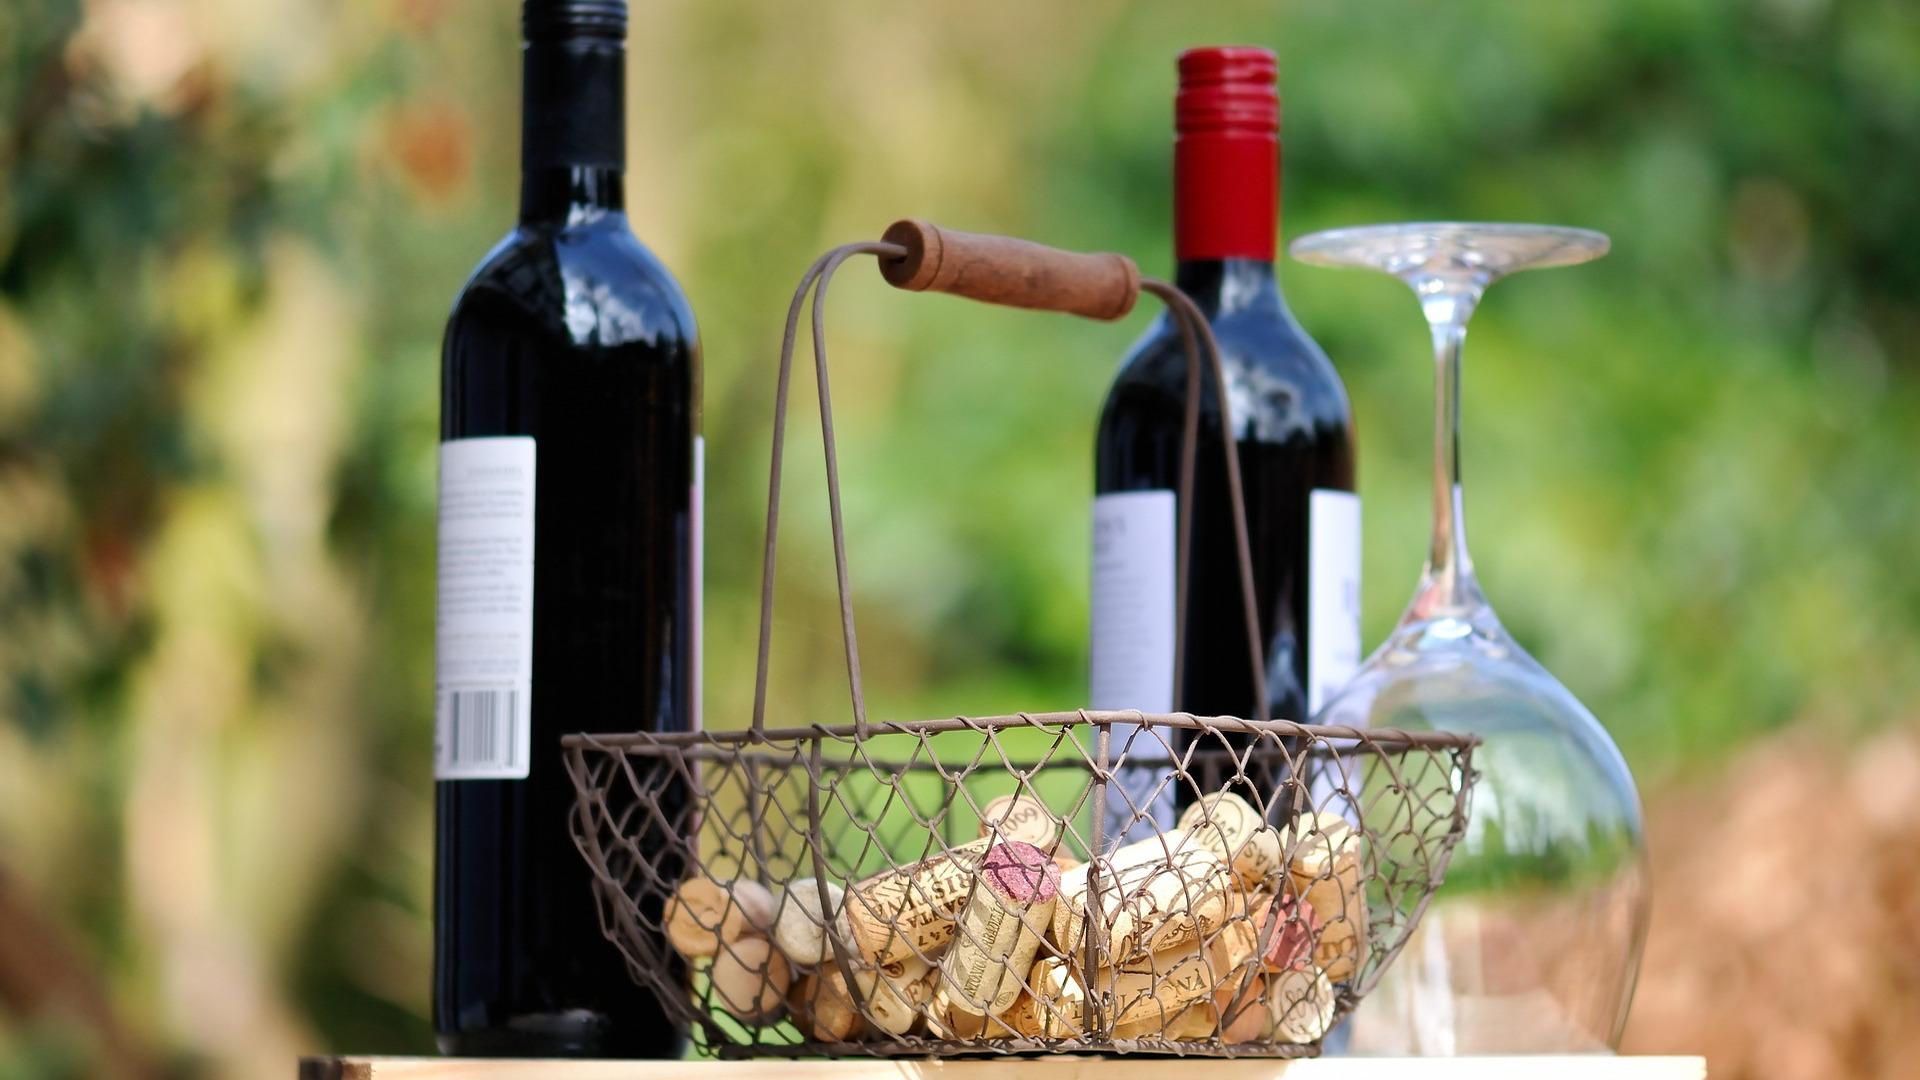 vino-la-bebida-alcoholica-que-mas-compran-las-familias-espanolas-1920